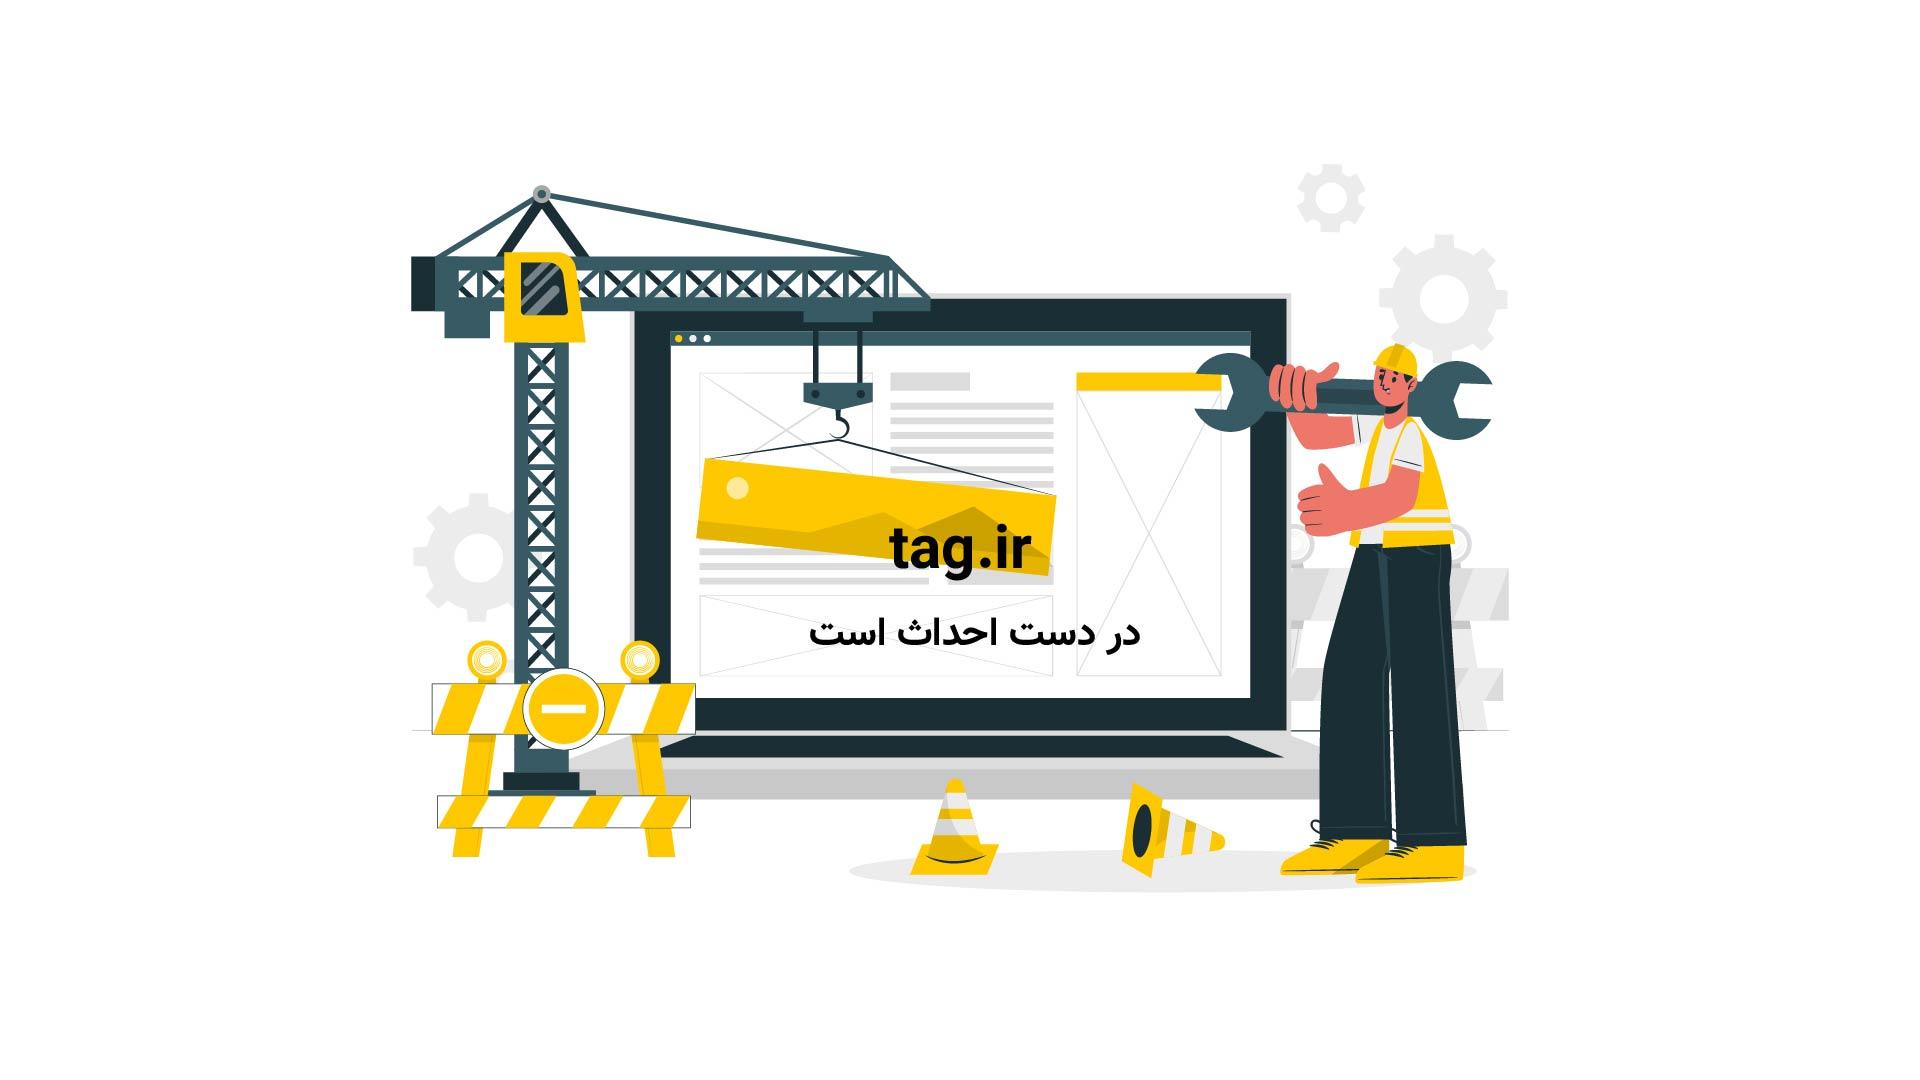 باران بهاری | تگ